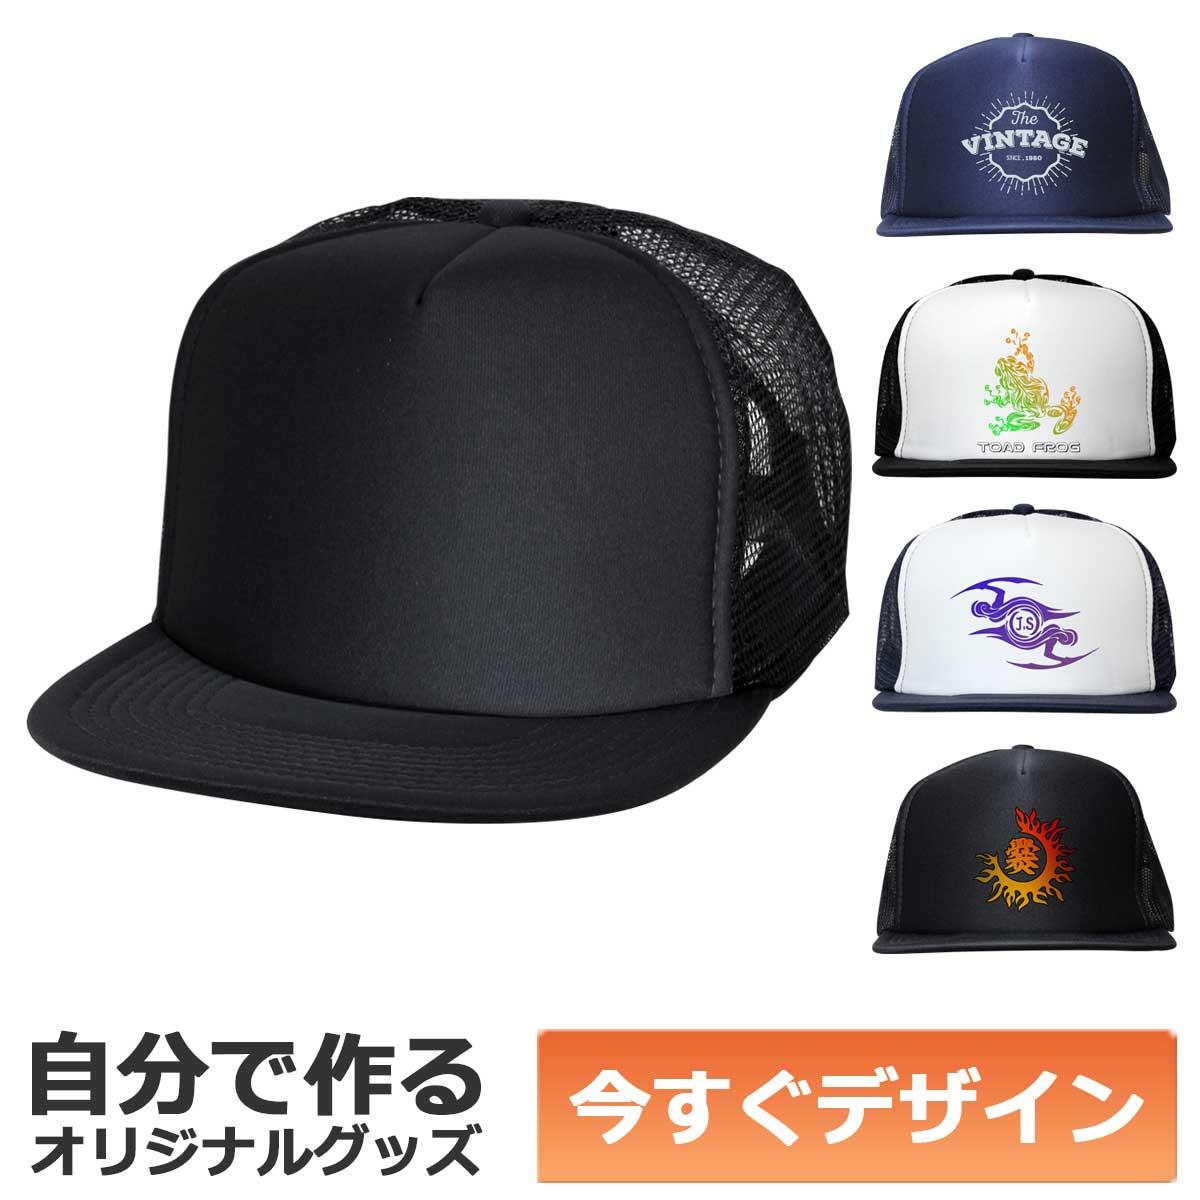 超人気 専門店 あす楽 名入れ チームキャップ OTTO 定番 人気ブランド ギフト 即納可能 自分でデザイン 1個から作れる オリジナル 帽子 フラットバイザー ブラック キャップ